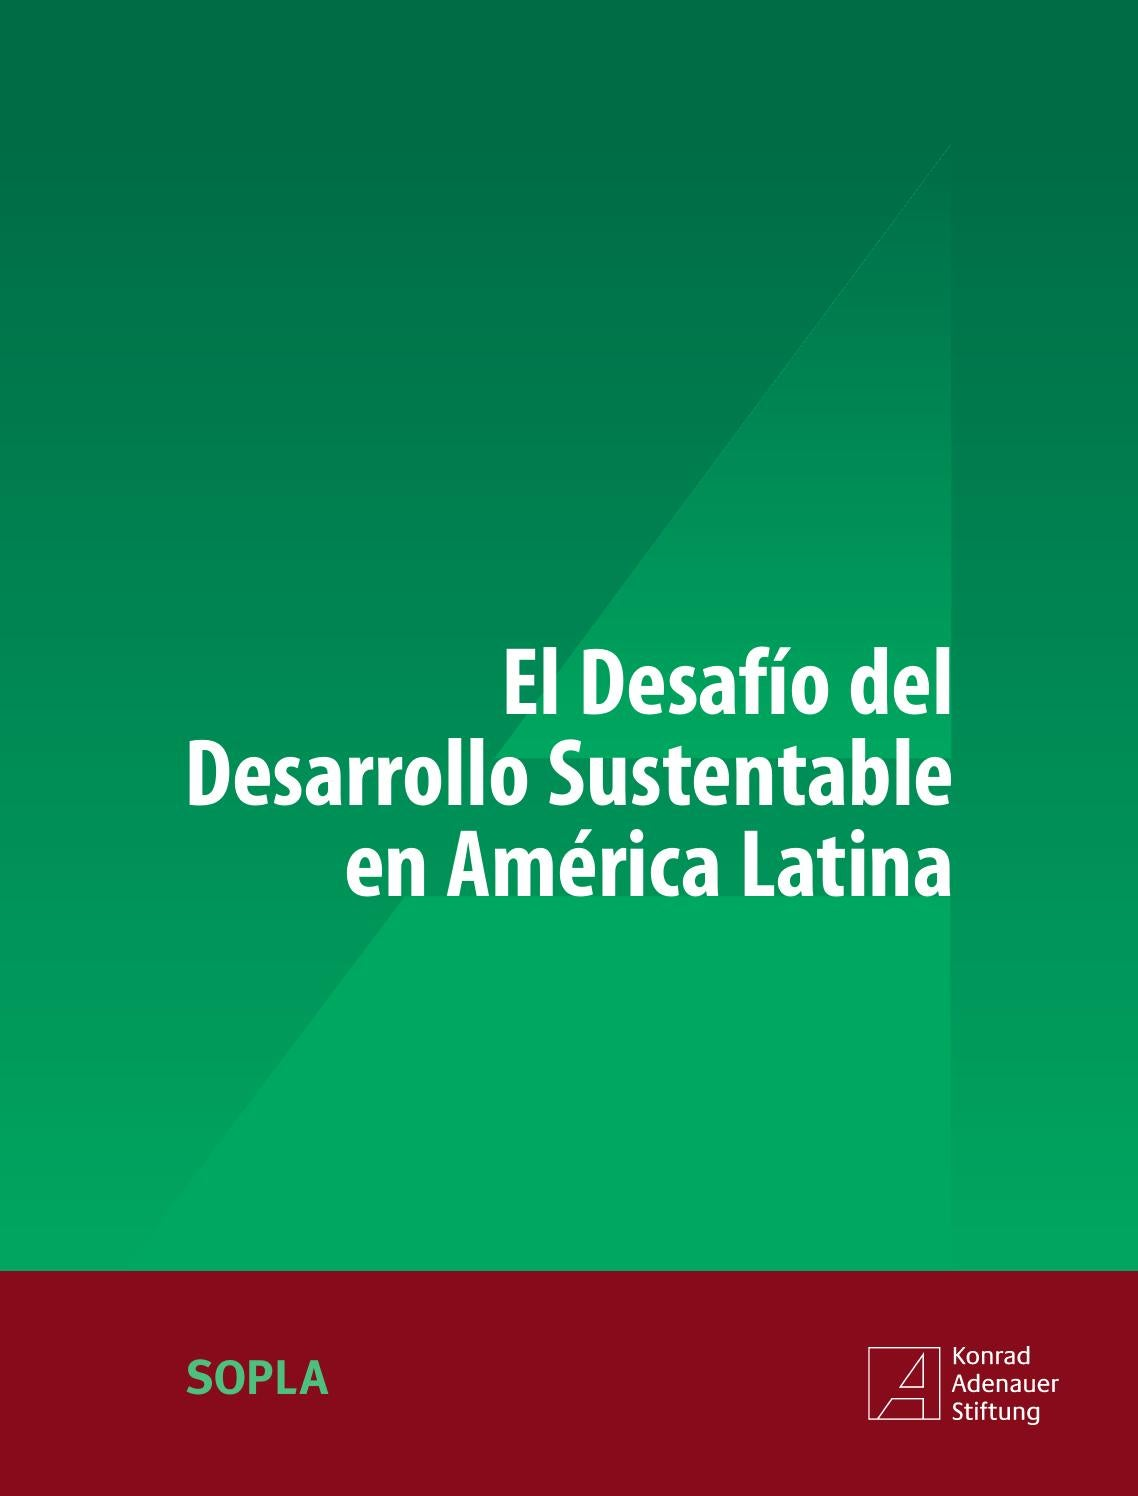 Resultado de imagen para El desafio del desarrollo sustentable en América Latina